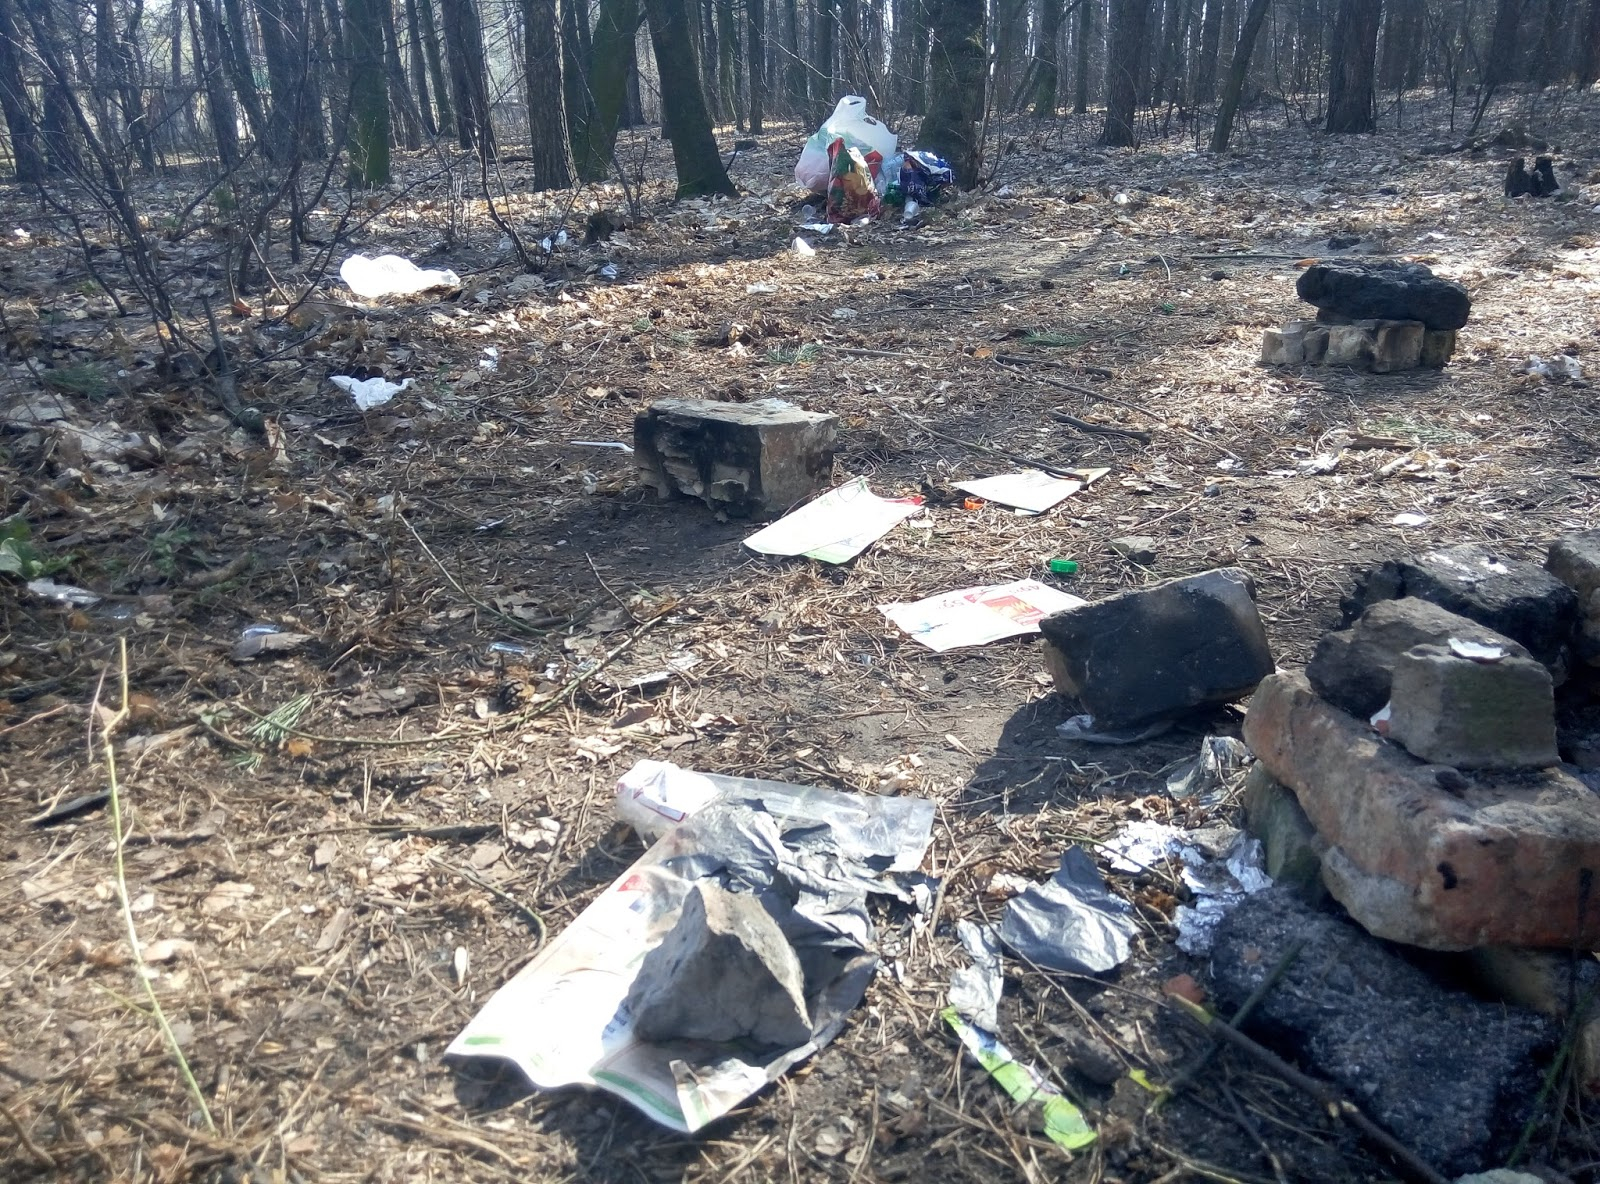 быдло на отдыхе мусор пикник